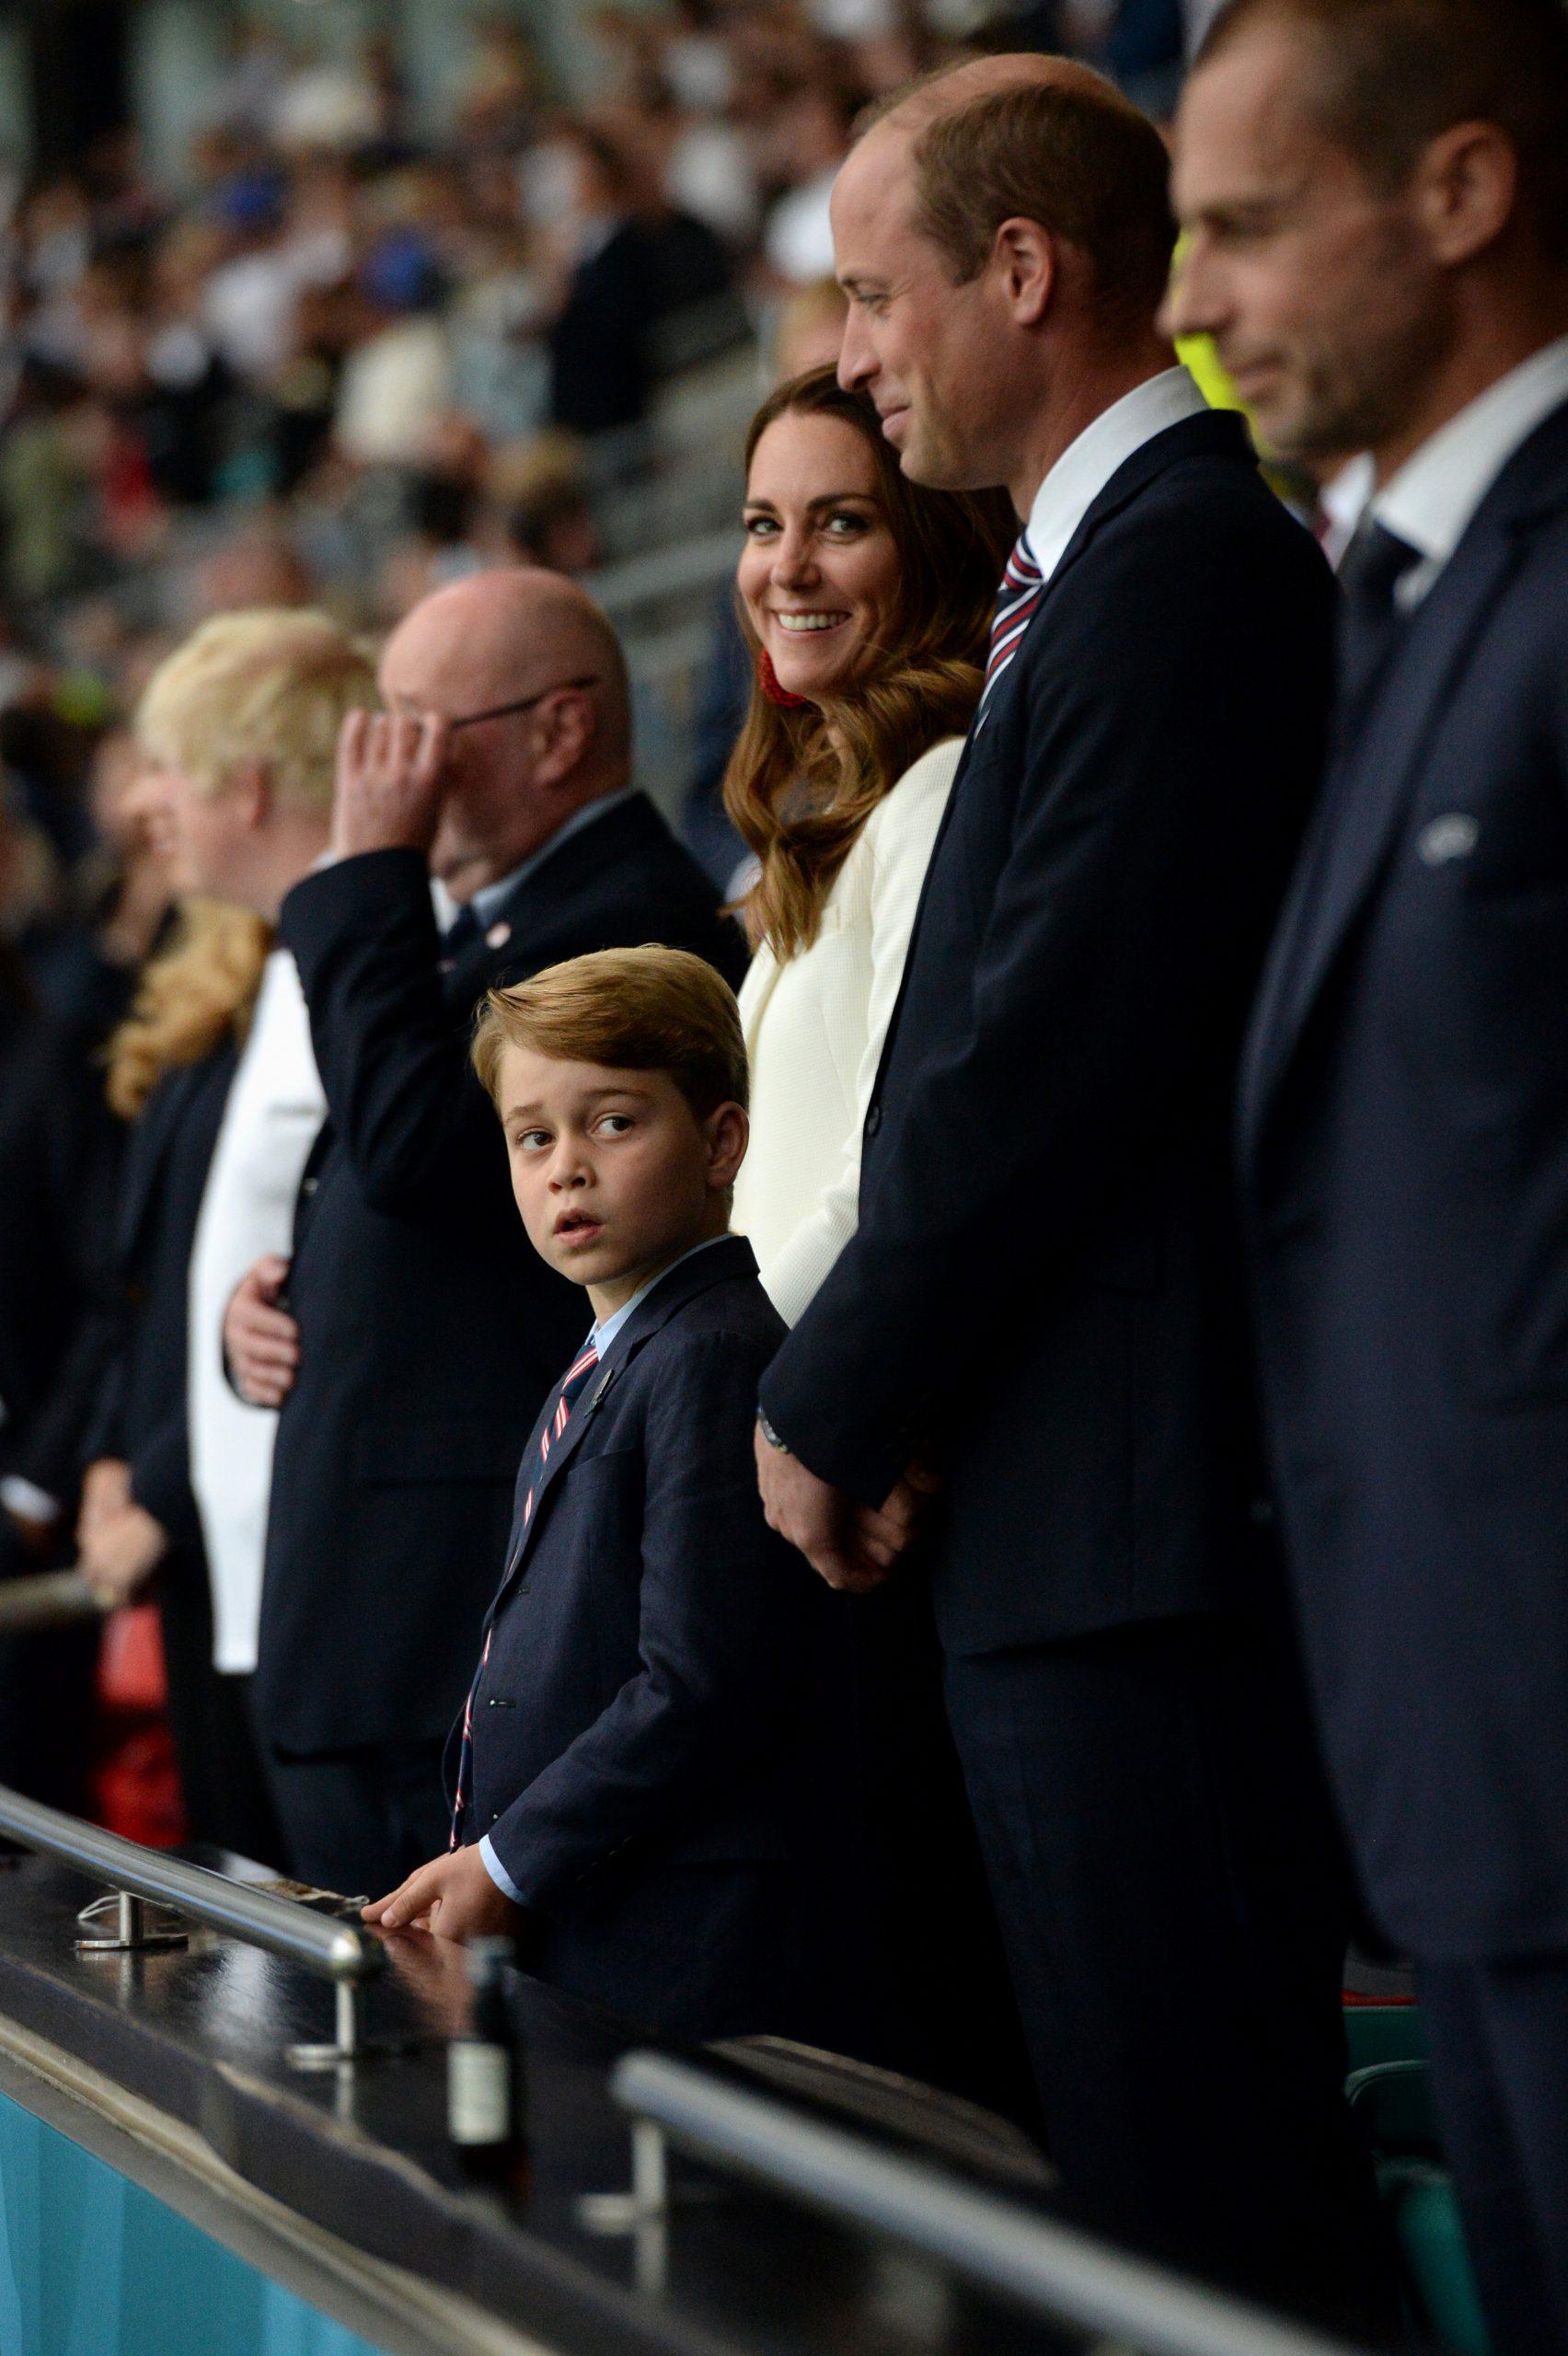 El príncipe William rechaza los comentarios racistas